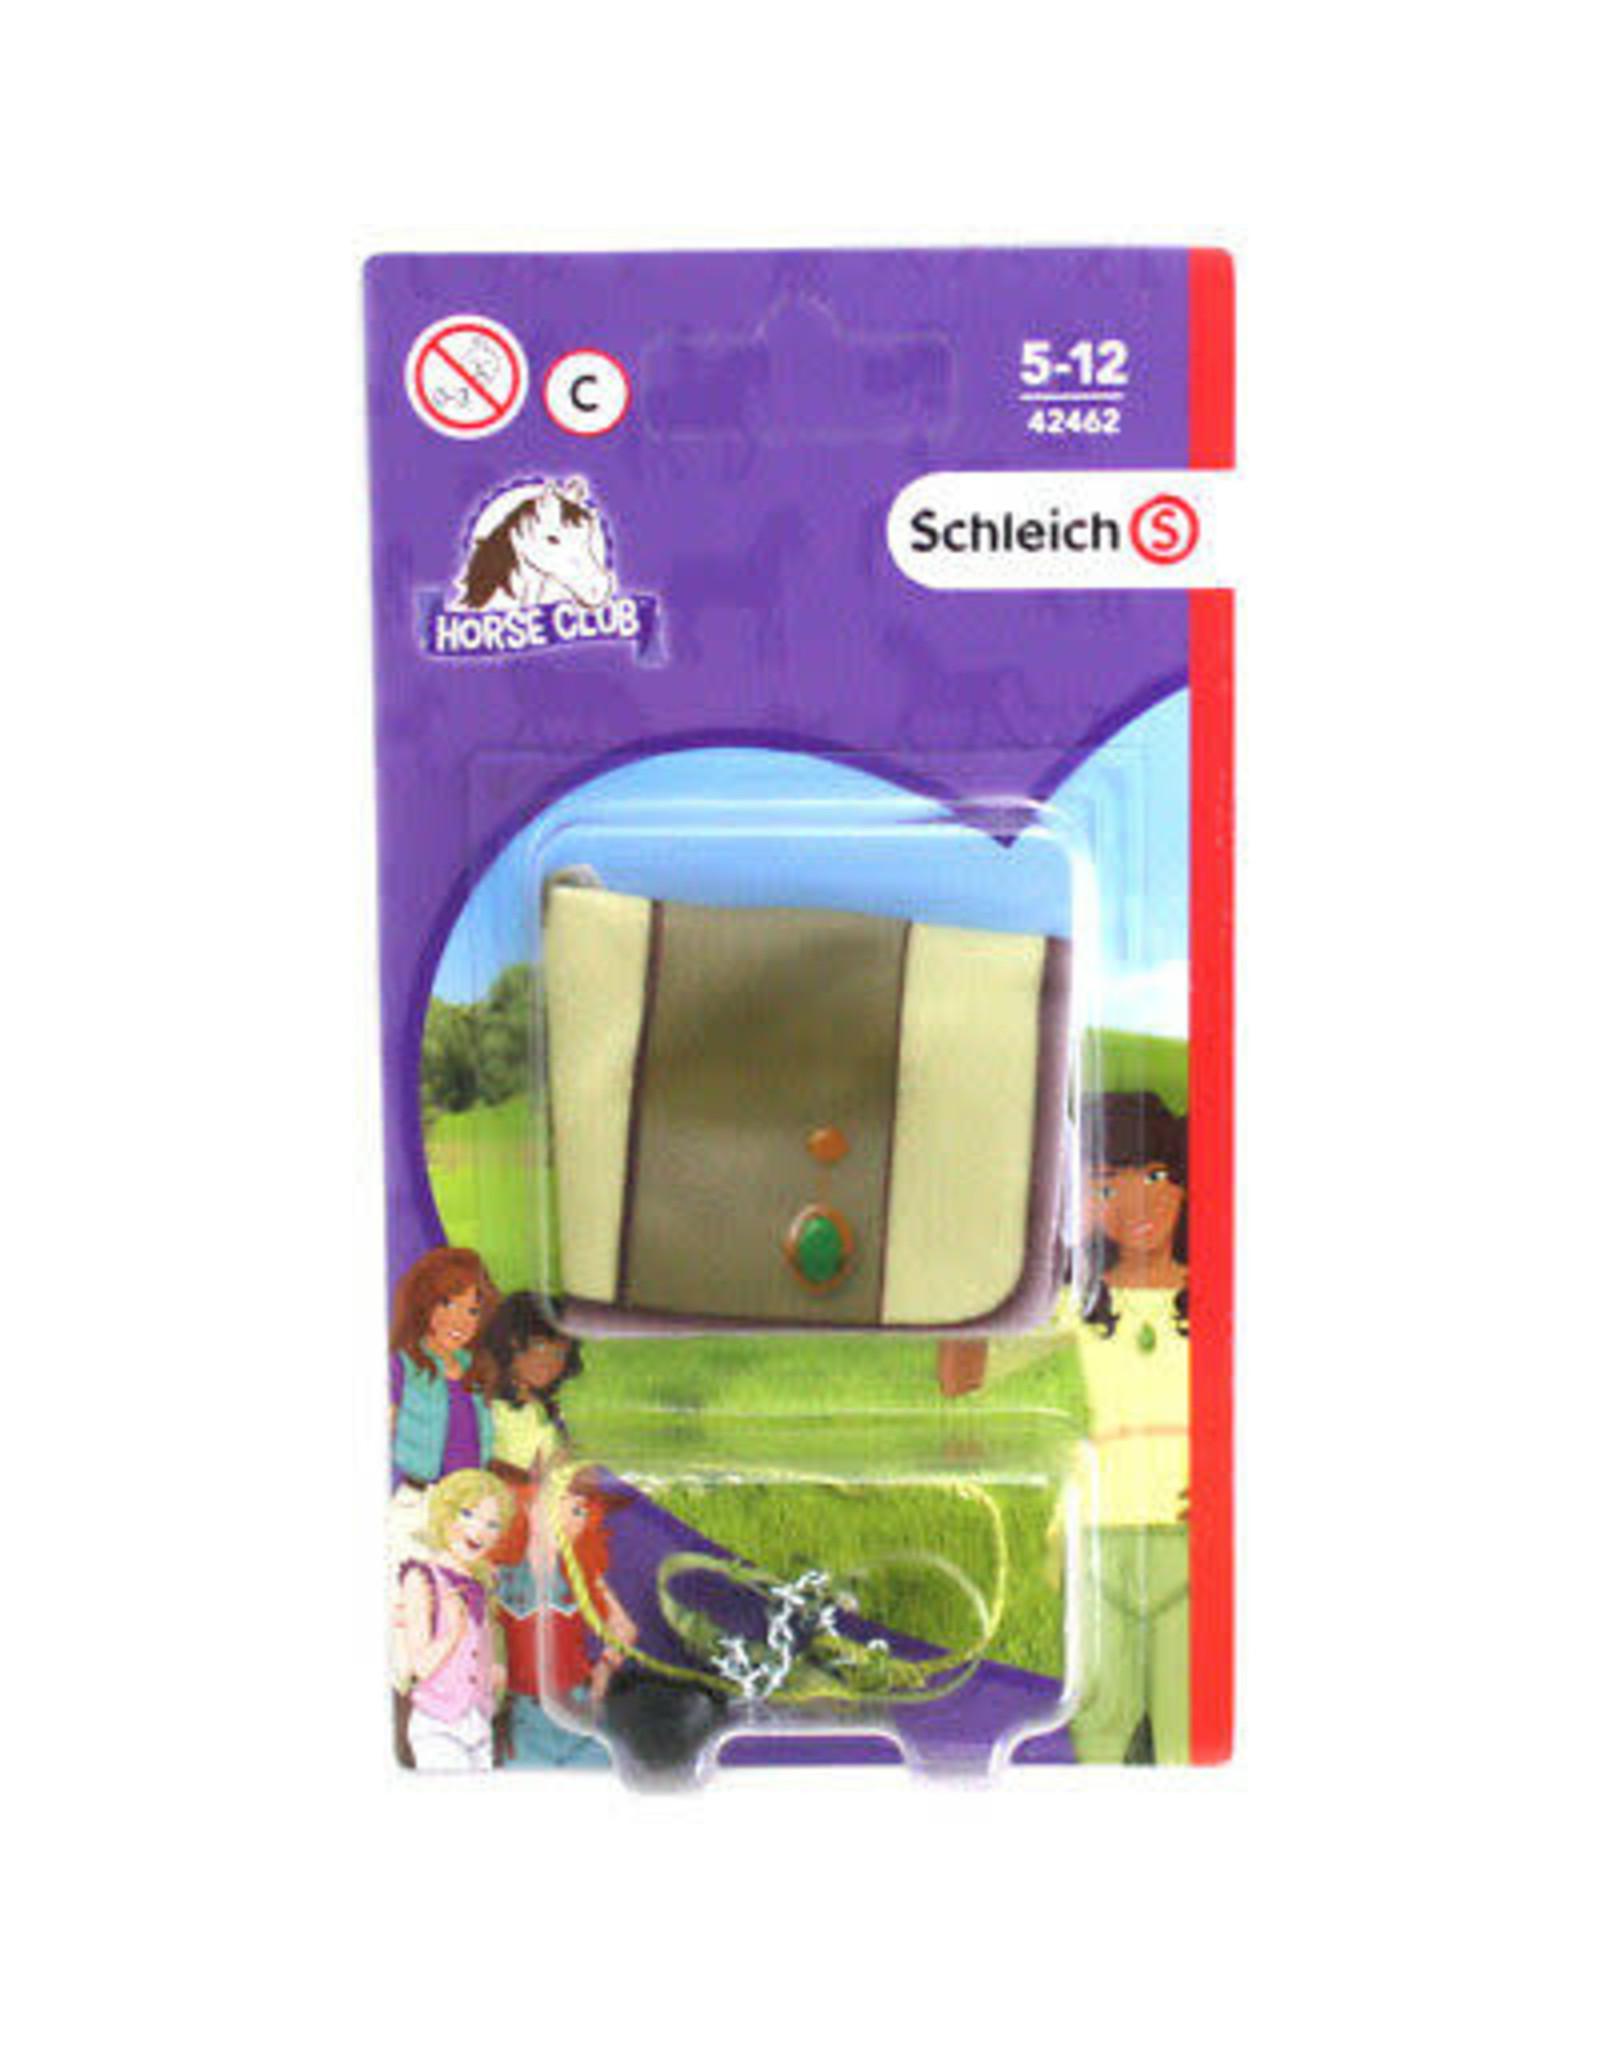 Schleich Blanket & Halter - Sarah & Mystery